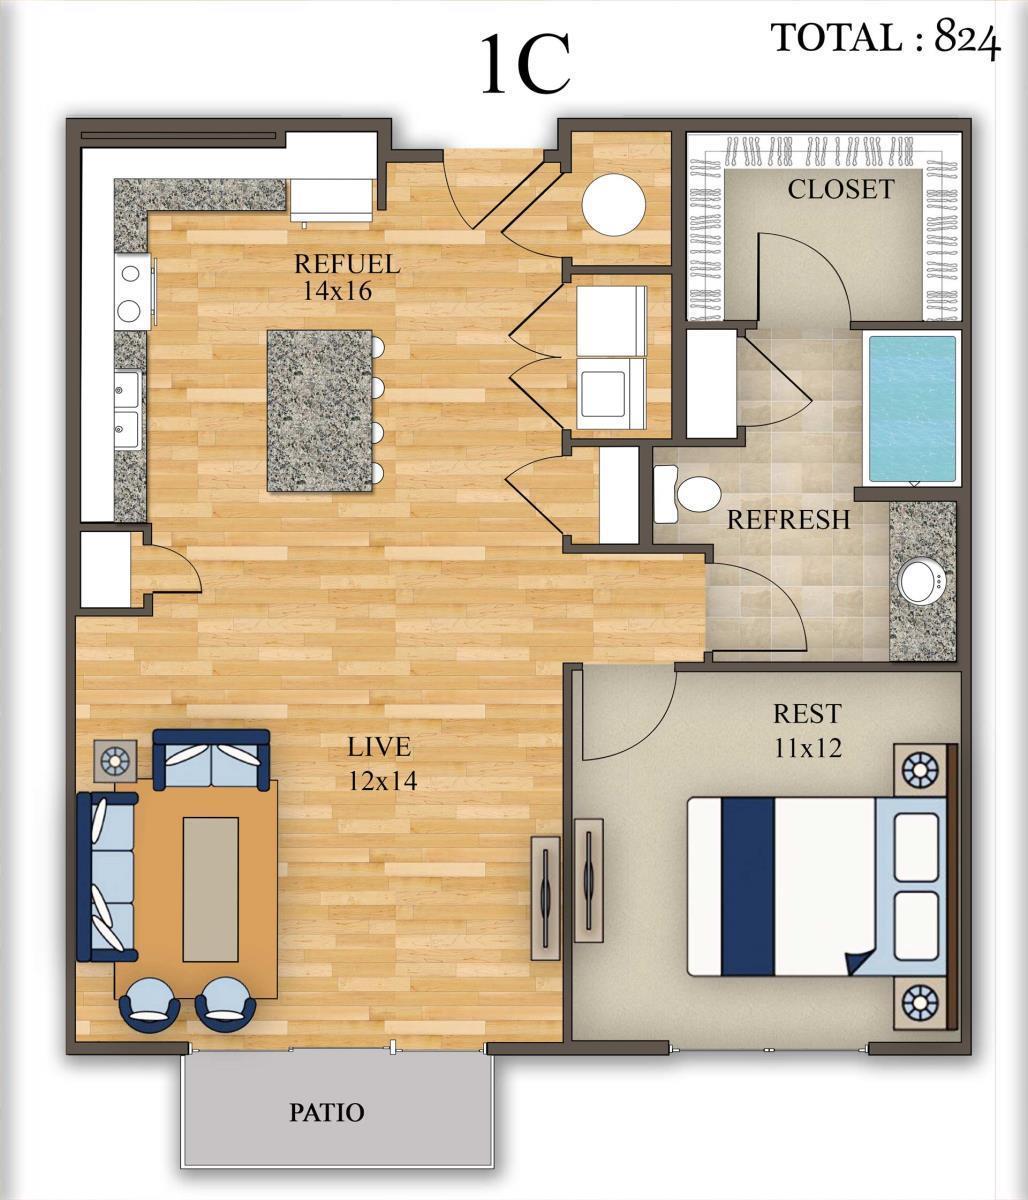 824 sq. ft. 1C floor plan